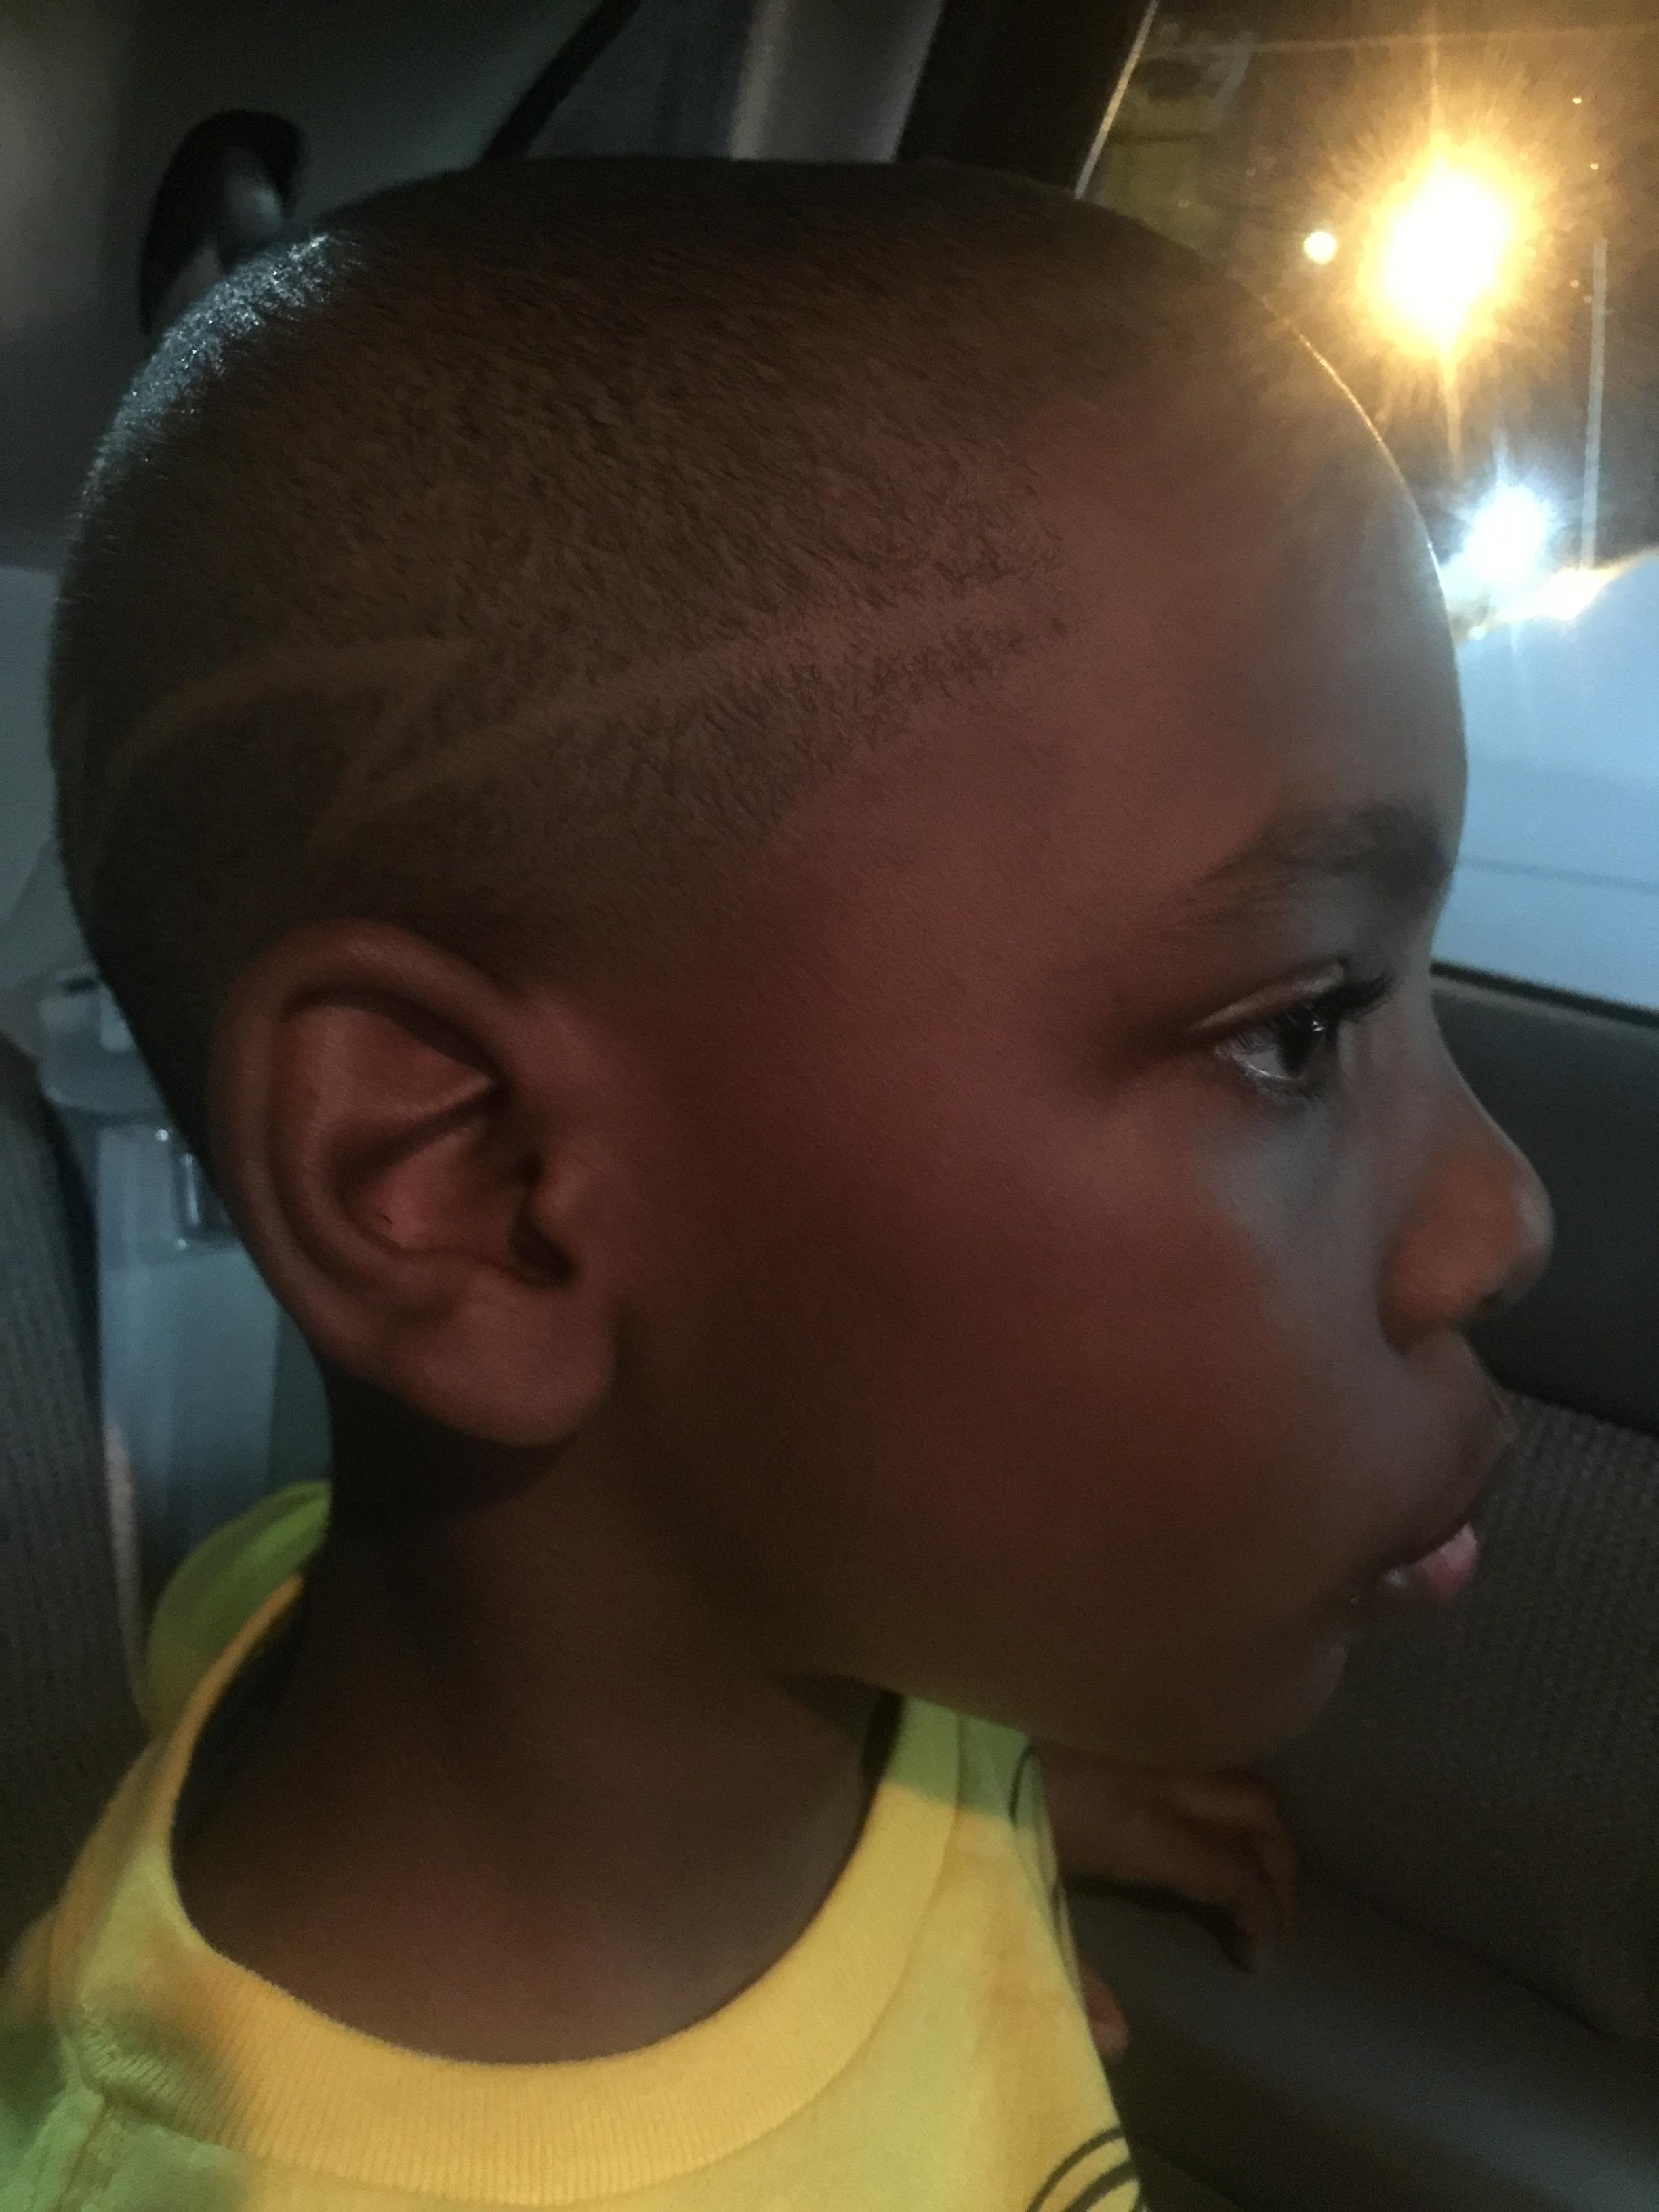 Haircuts and Razorlines image 7